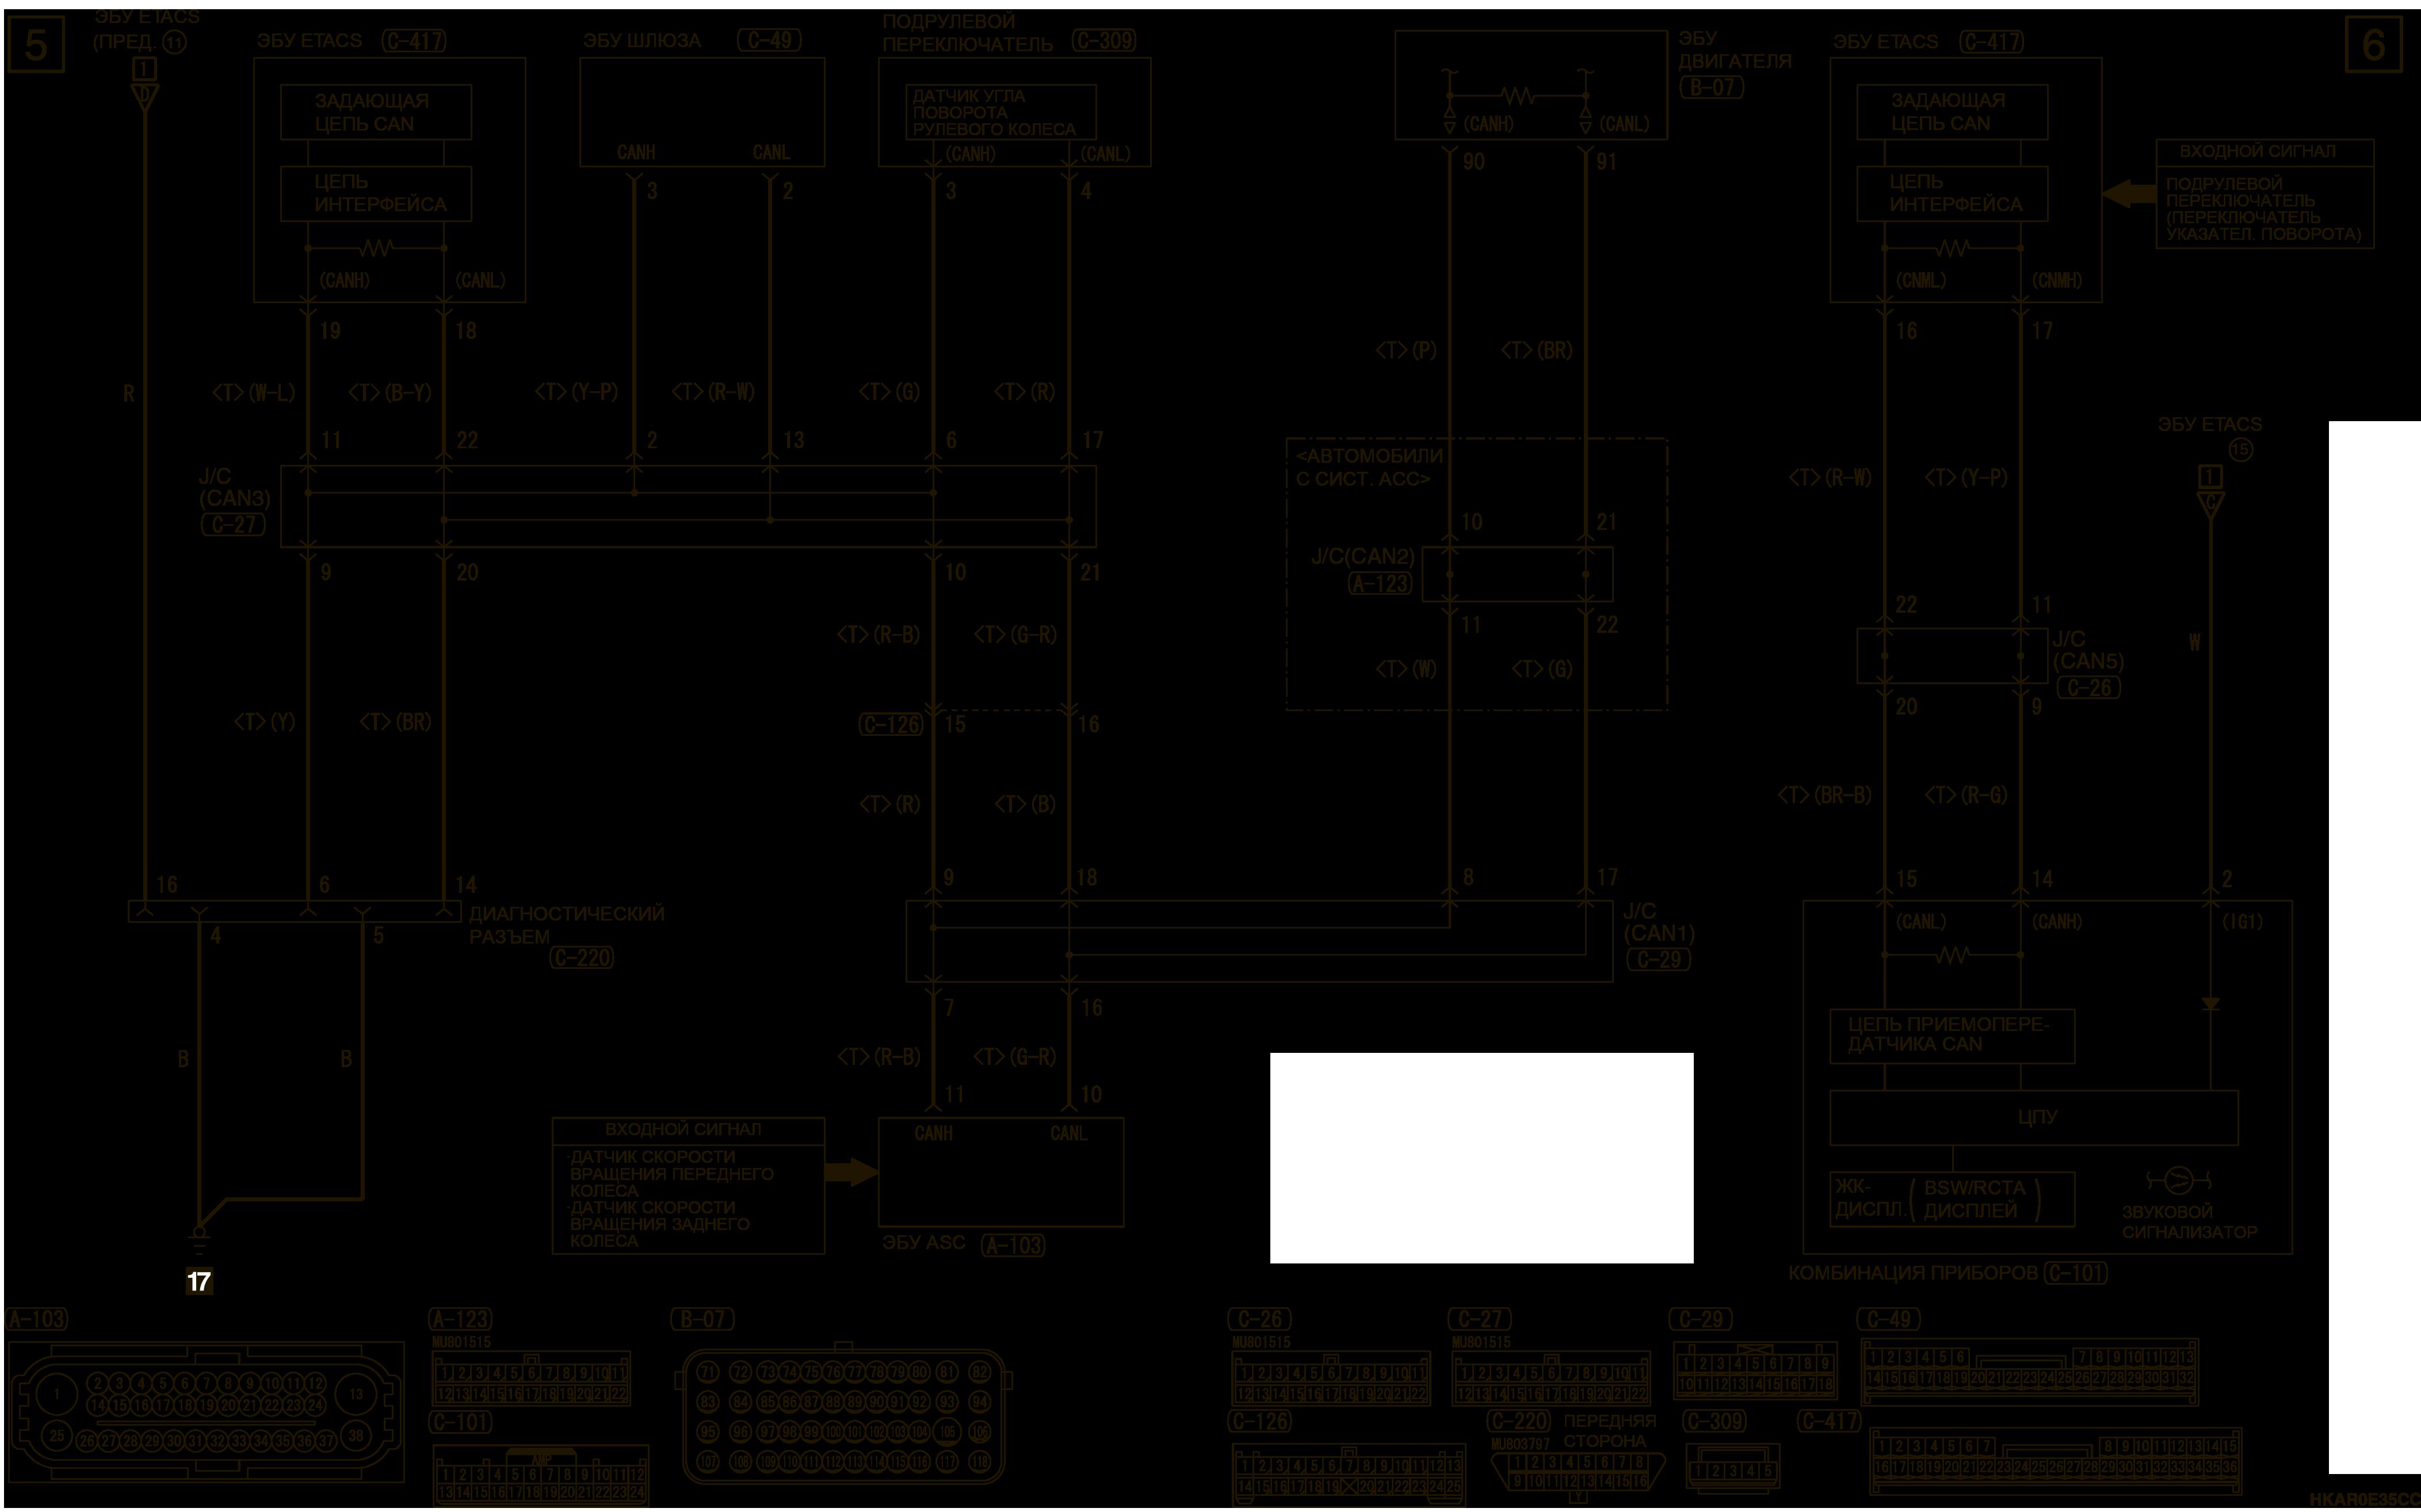 mmc аутлендер 3 2019 электросхемаСИСТЕМА МОНИТОРИНГА СЛЕПЫХ ЗОН [BSW] (С СИСТЕМОЙ ПОМОЩИ ПРИ СМЕНЕ ПОЛОСЫ)/СИСТЕМОЙ ОПОВЕЩЕНИЯ ОБ ОБЪЕКТАХ, ДВИЖУЩИХСЯ В ПОПЕРЕЧНОМ НАПРАВЛЕНИИ ПОЗАДИ АВТОМОБИЛЯ (RCTA) ЛЕВОСТОРОННЕЕ УПРАВЛЕНИЕ